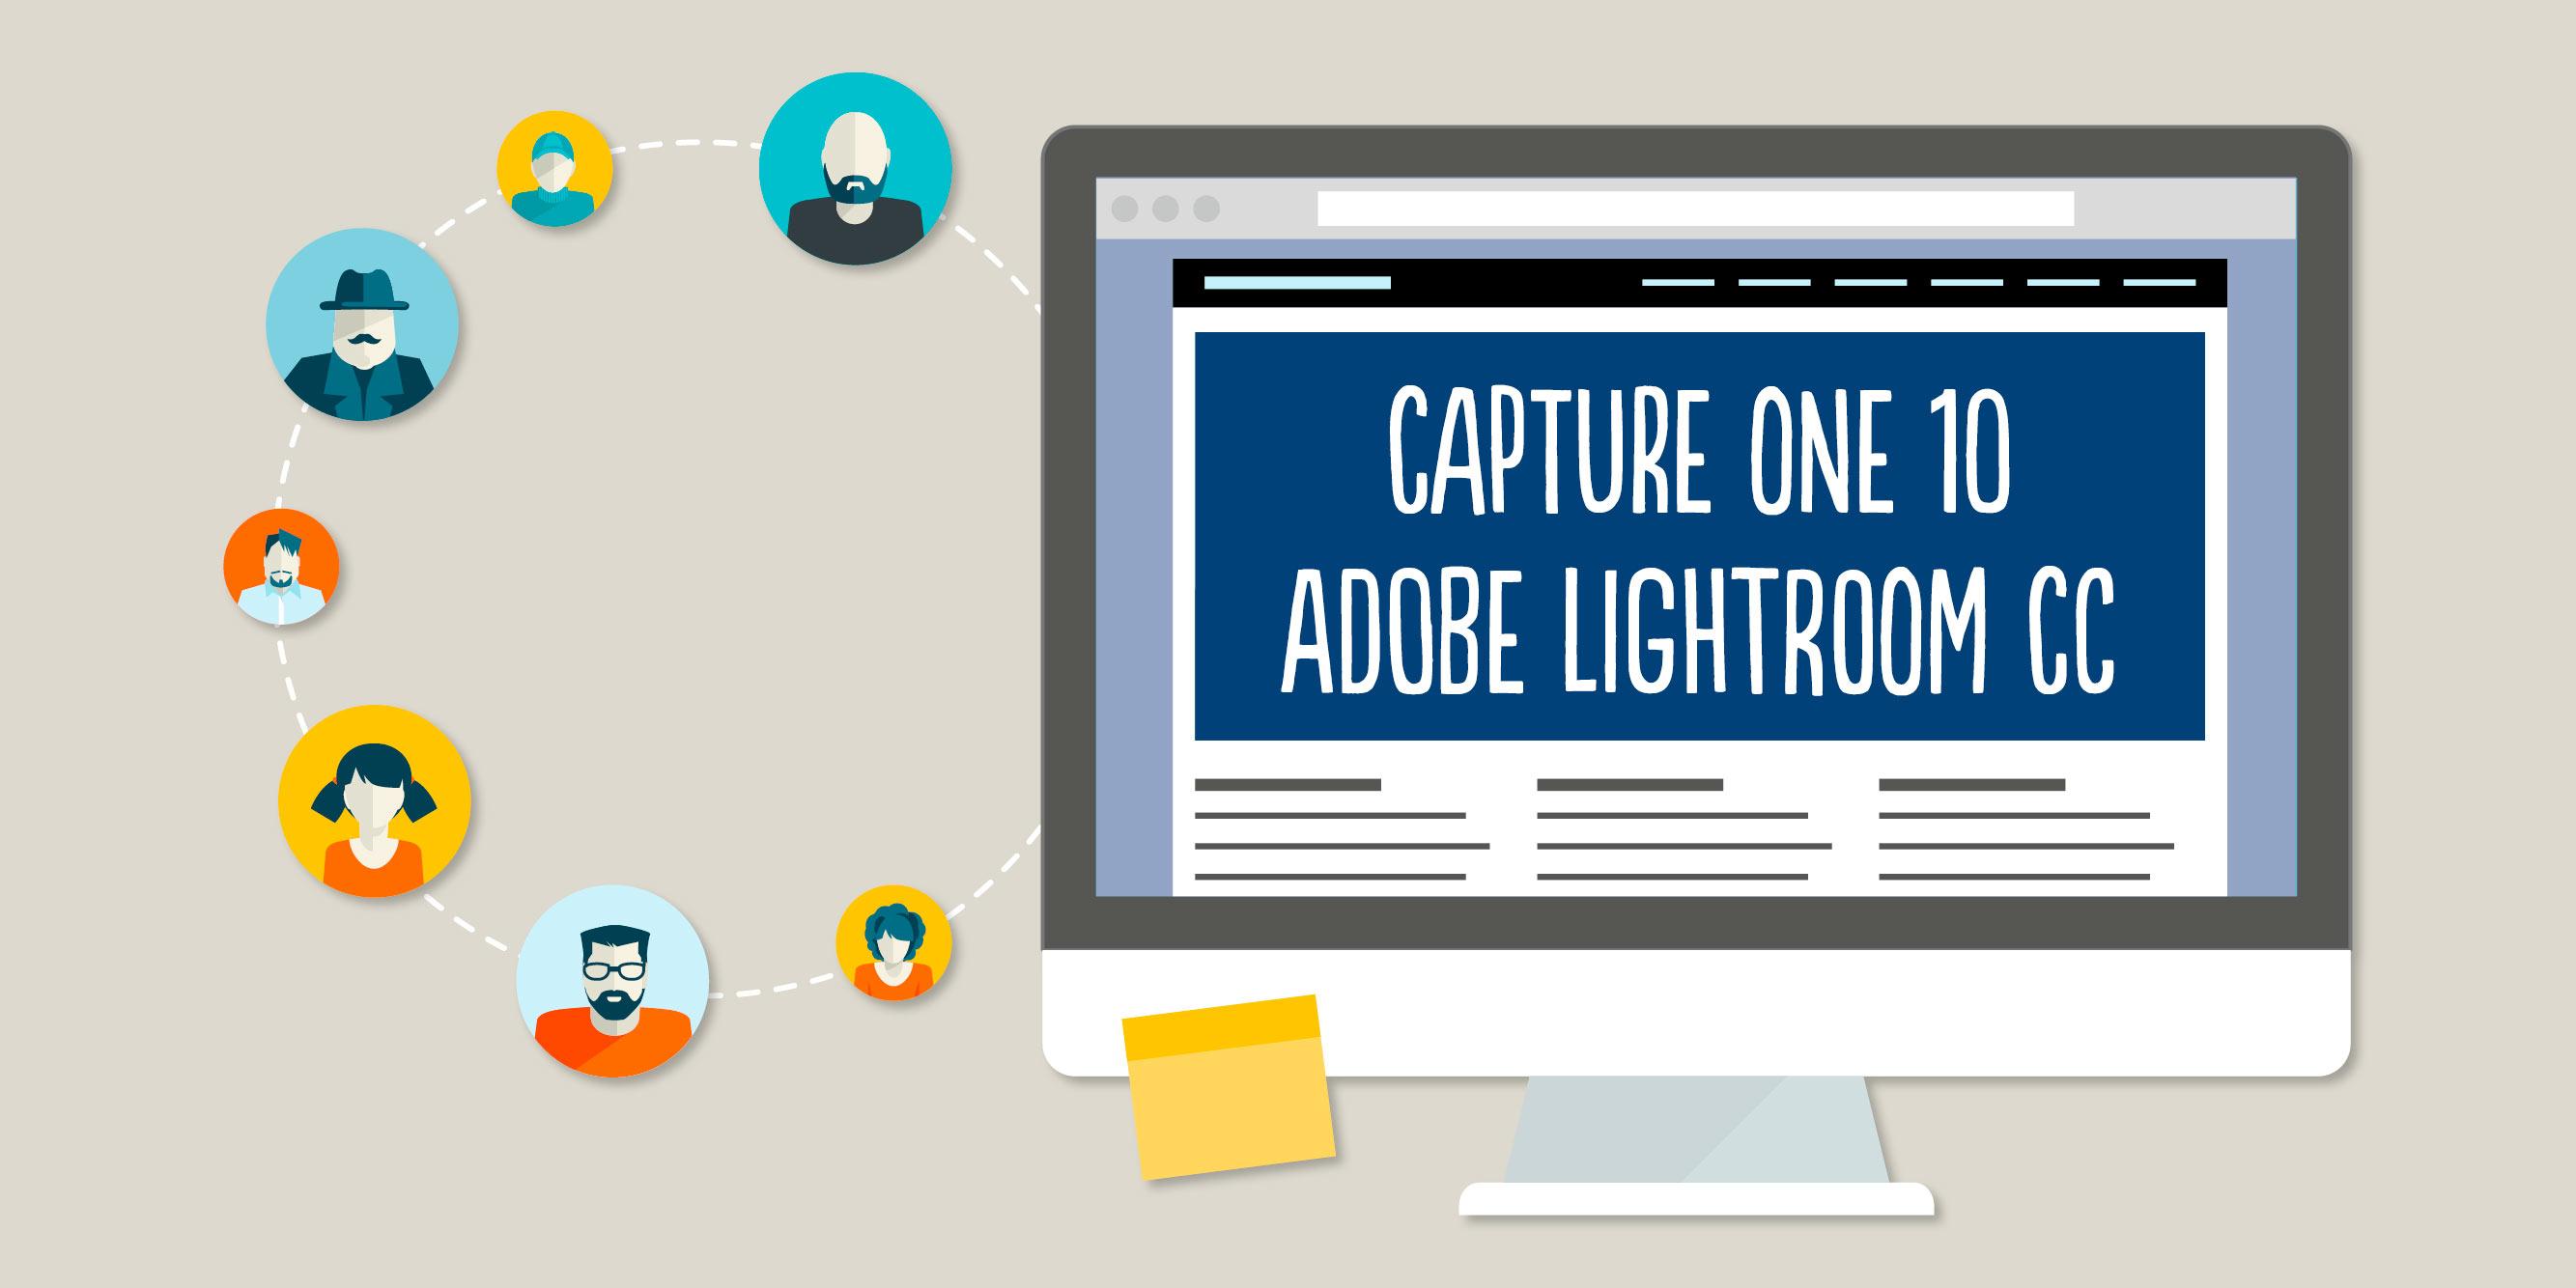 Auch 2017 finden wieder FREELENS Technikworkshops zu Capture One und Adobe Lightroom statt.